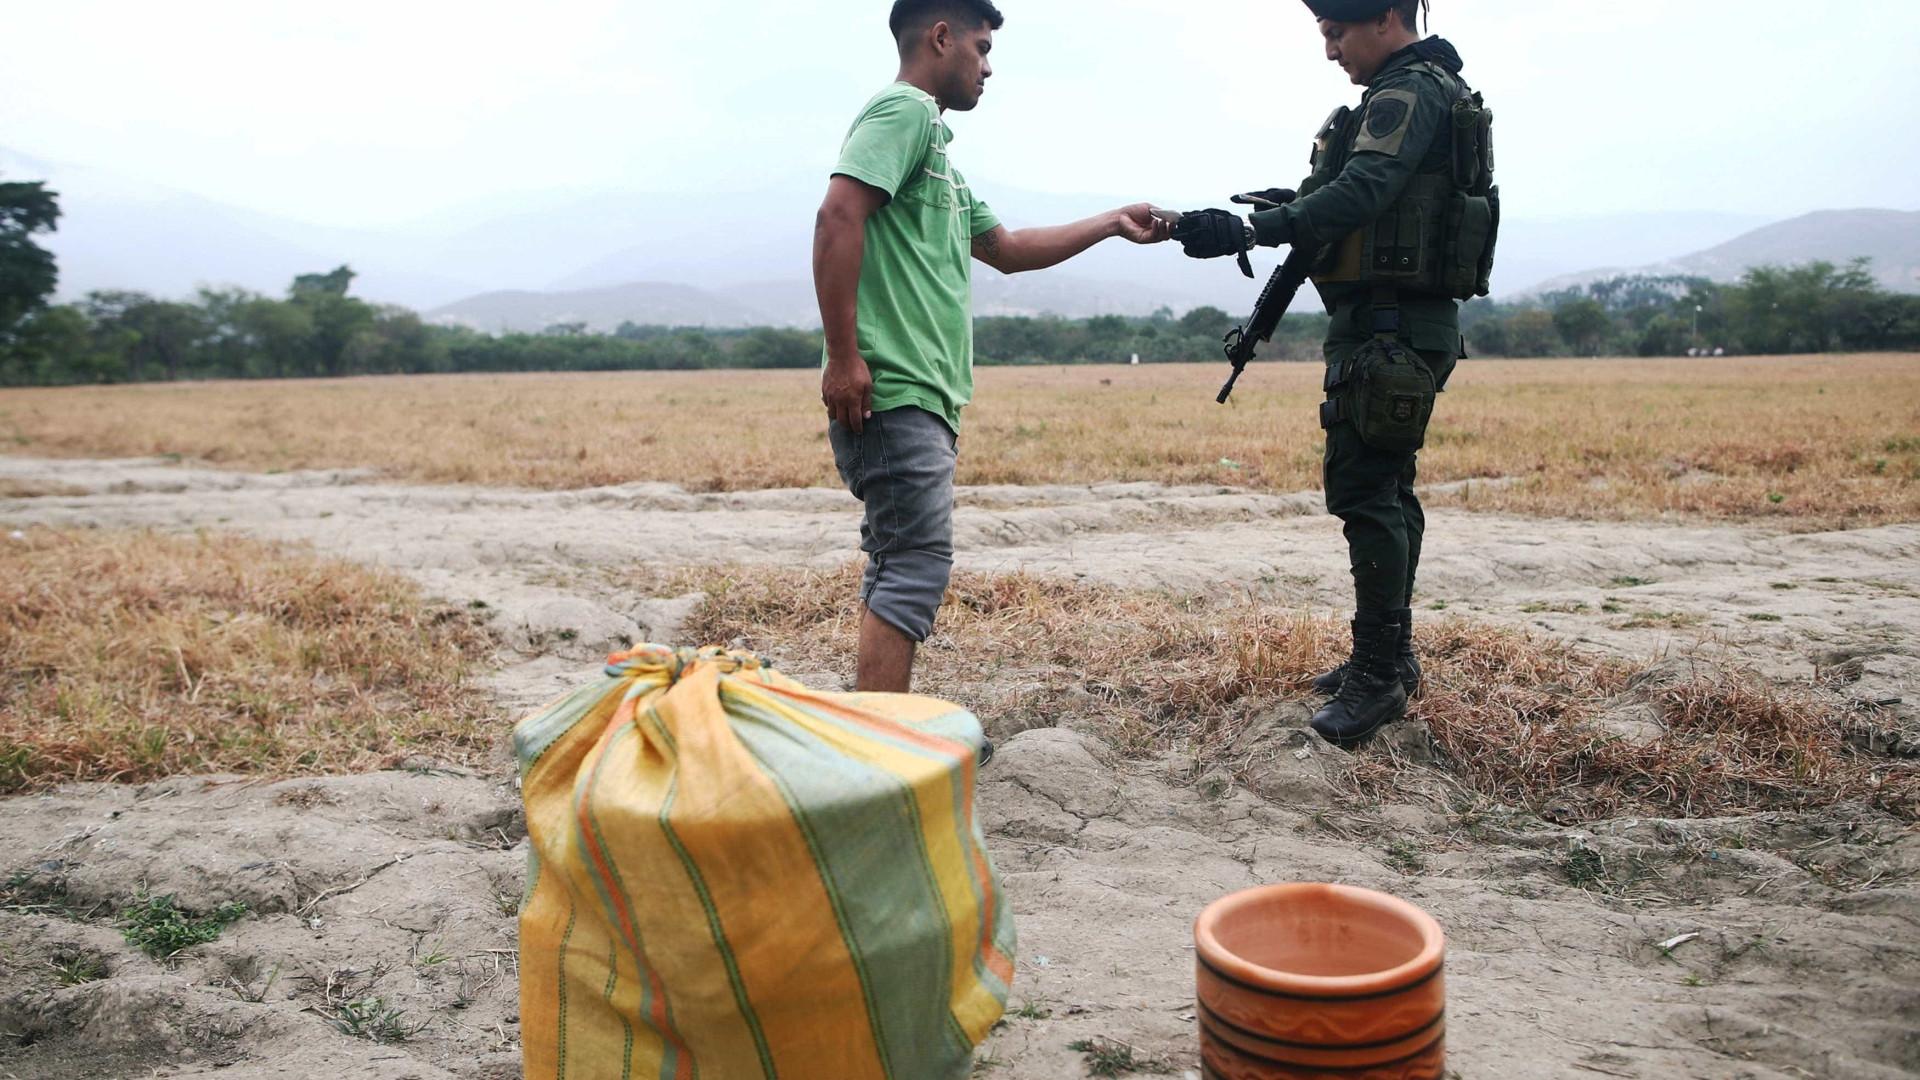 Exército impede entrada de líder e estudantes indígenas na terra deles